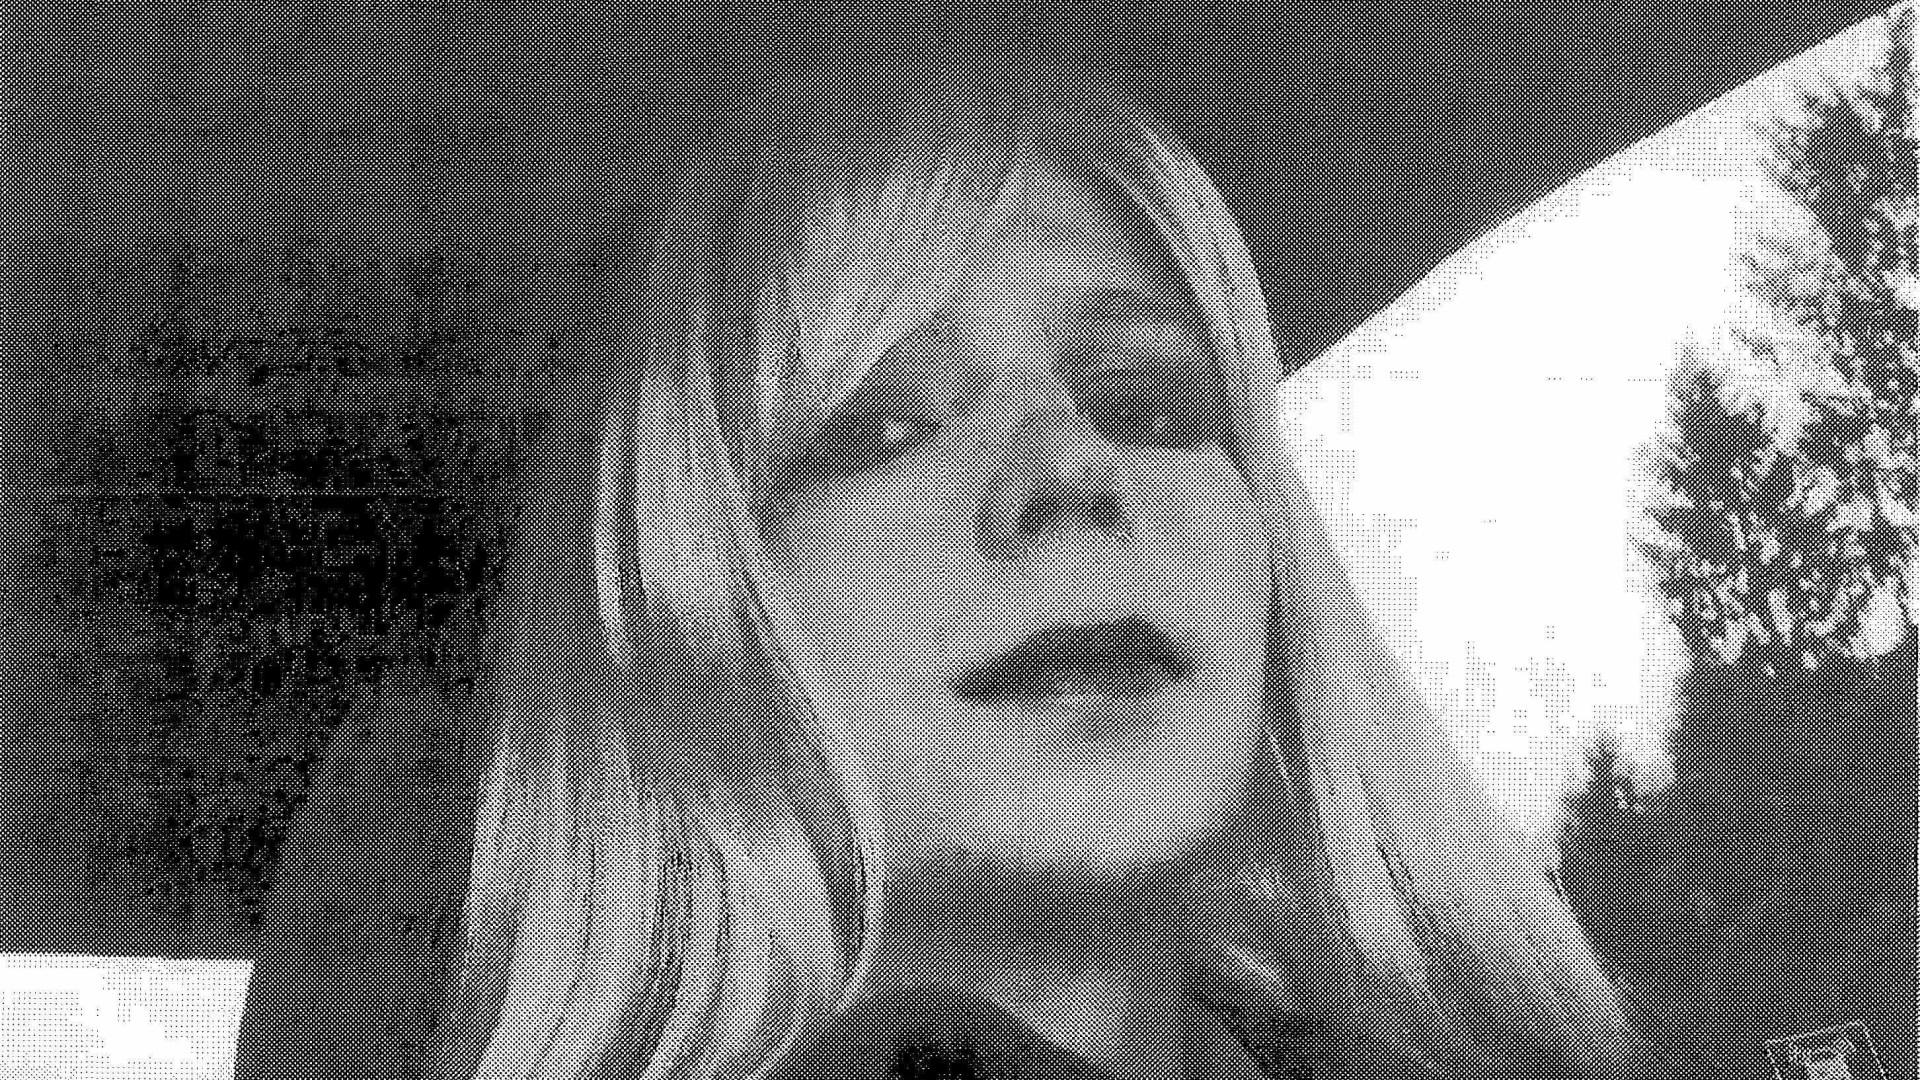 Donald Trump exclui pessoas transgénero do exército